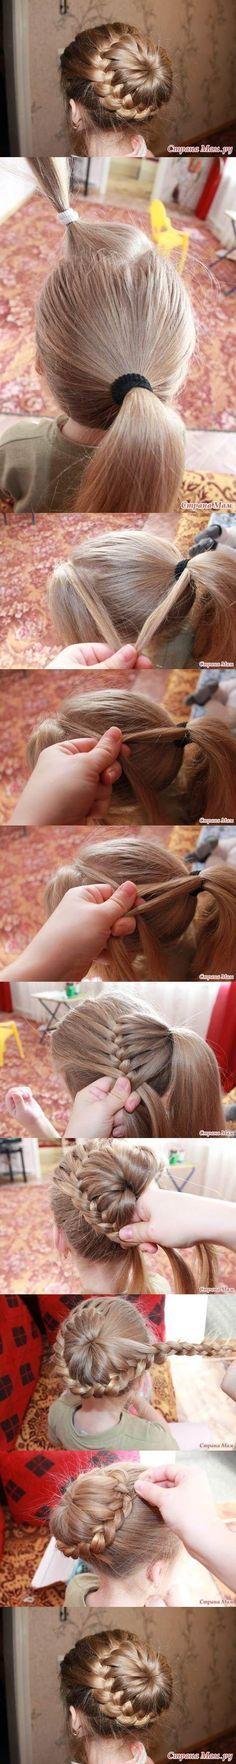 Penteados incríveis